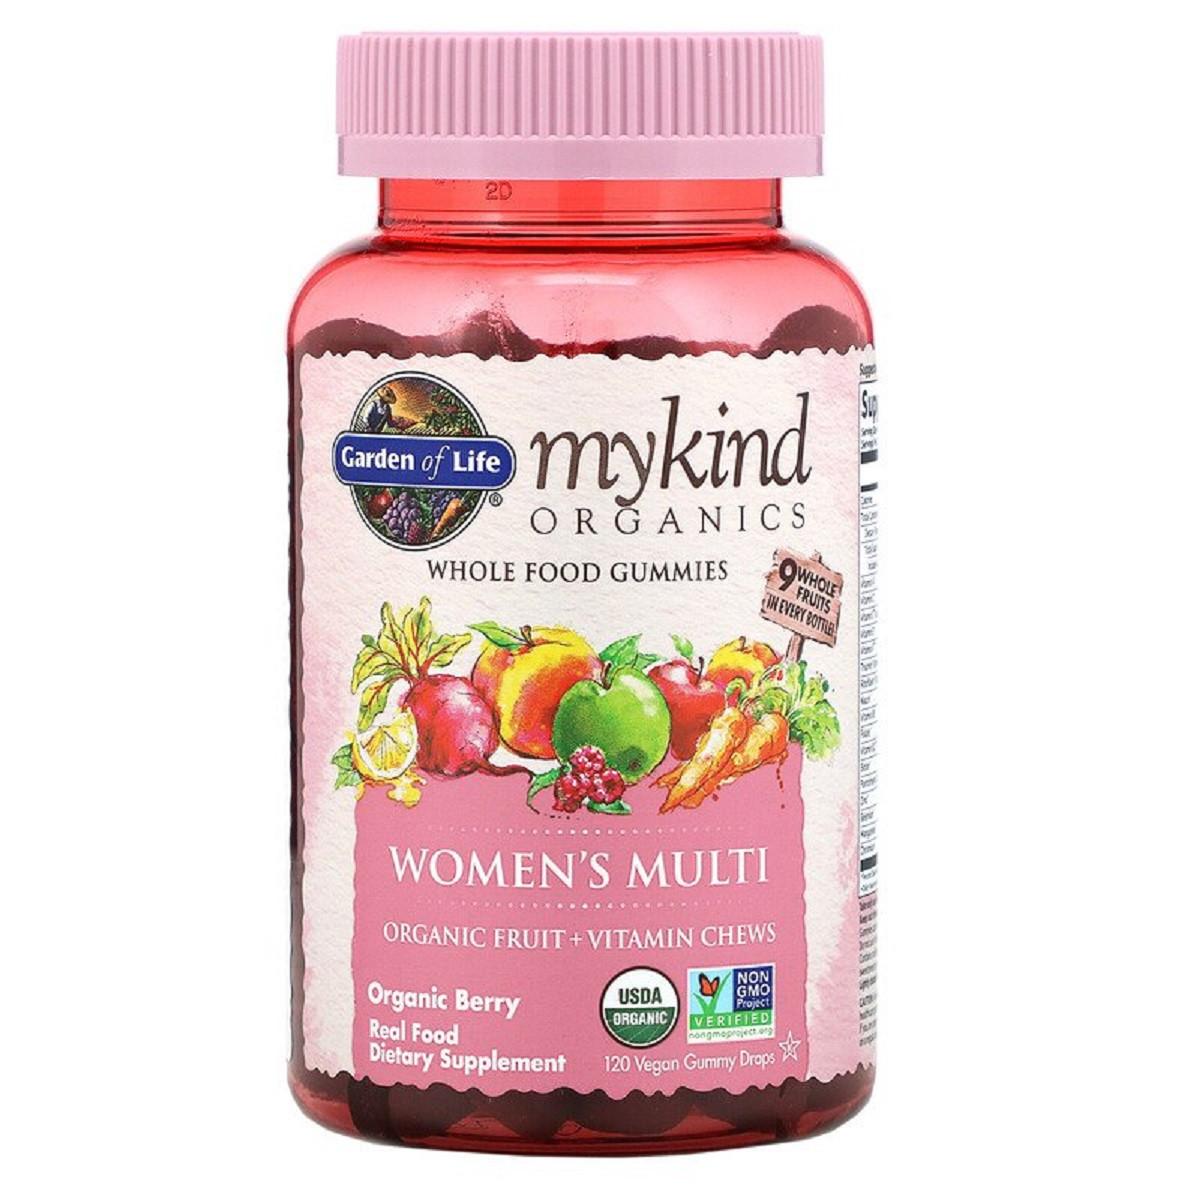 Органические Мультивитамины для Женщин, органические ягоды, MyKind Organics, Garden of Life, 120